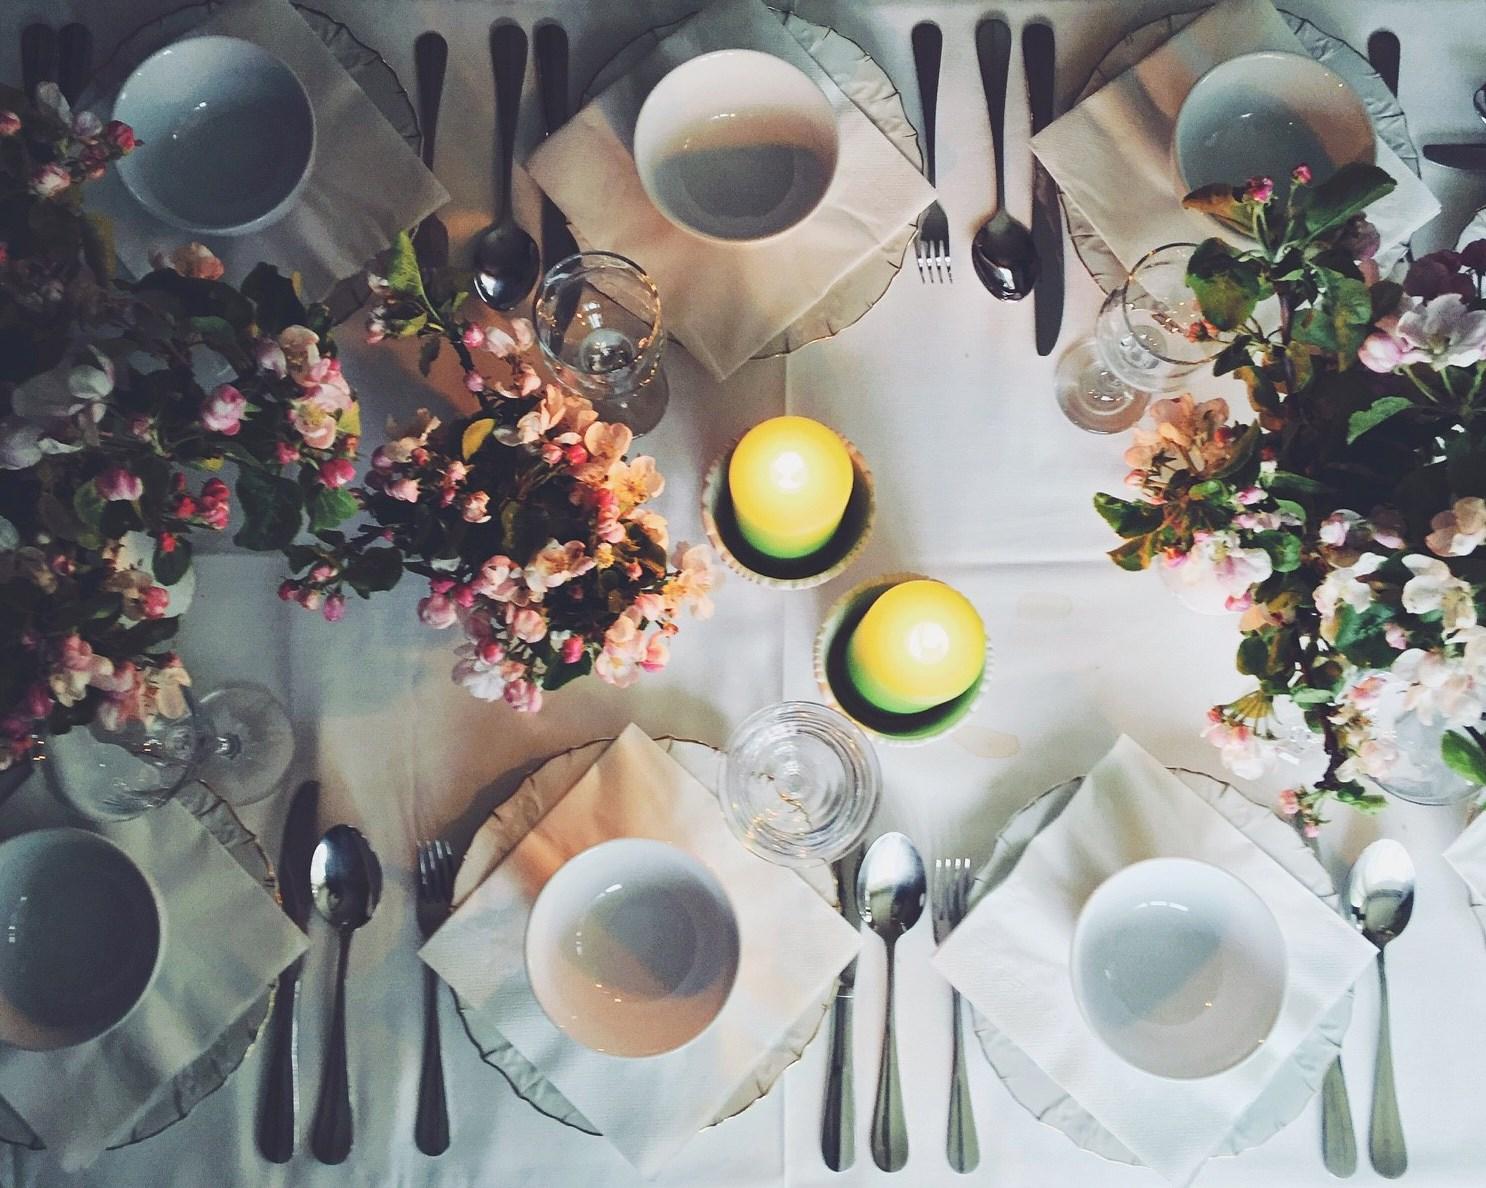 pirms sēžamies pie svētku galda -